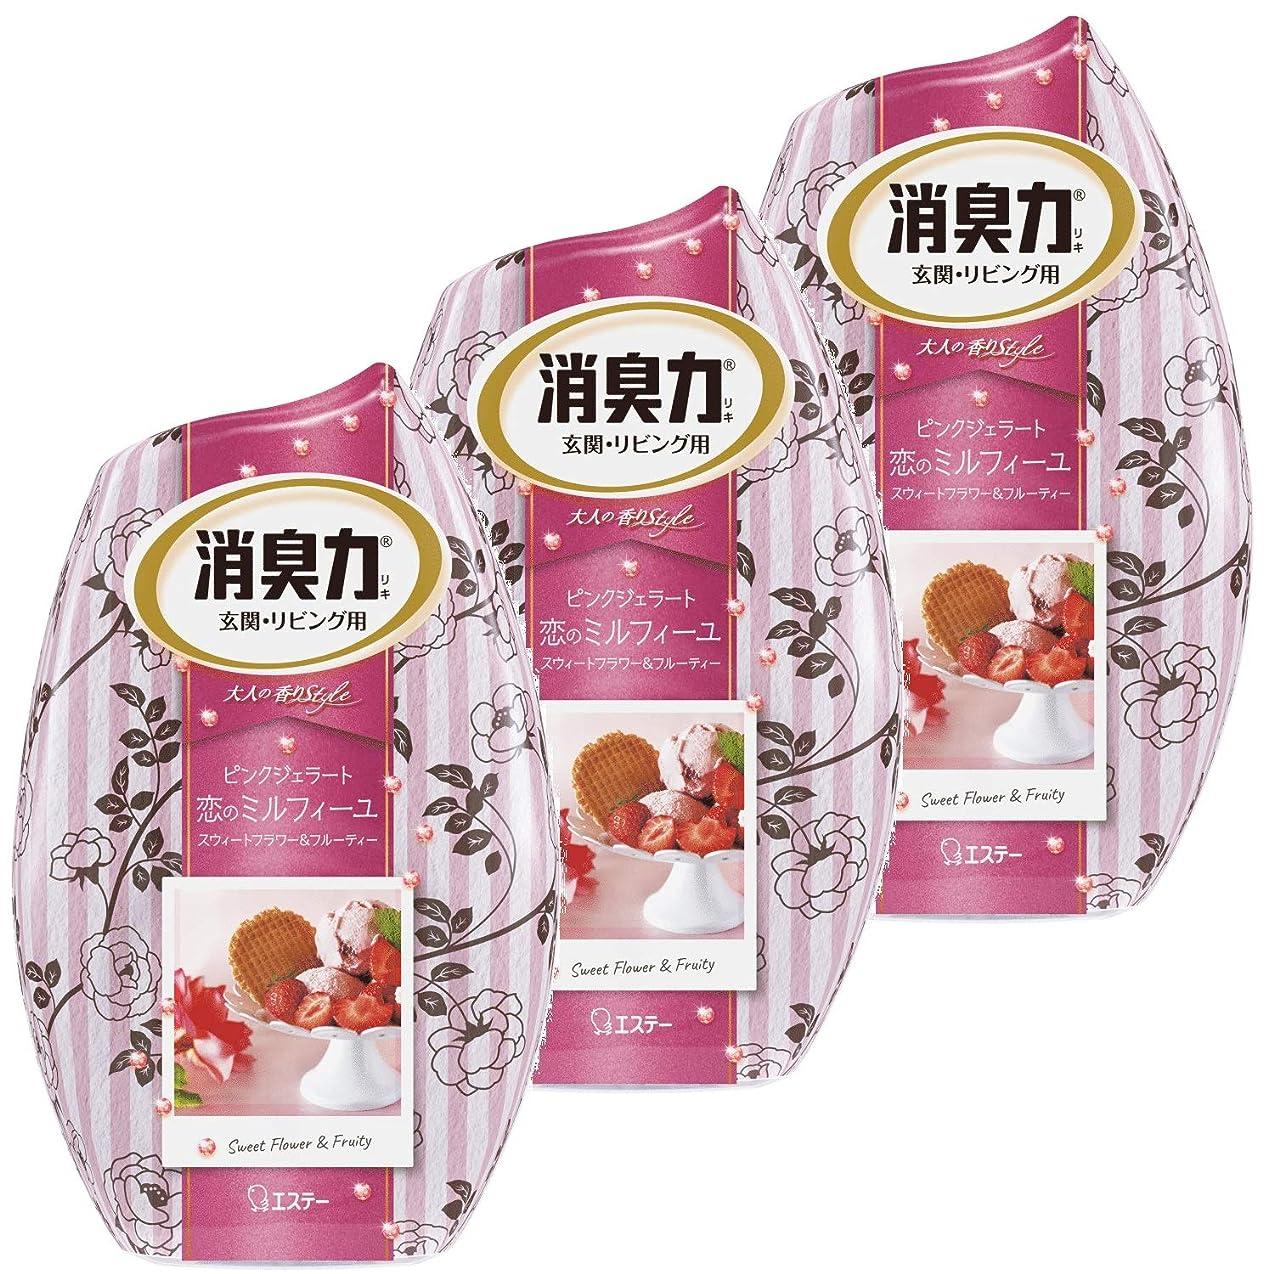 【まとめ買い】 お部屋の消臭力 消臭芳香剤 部屋用 部屋 ピンクミルフィーユの恋の香り フラワー&フルーティー 400ml×3個